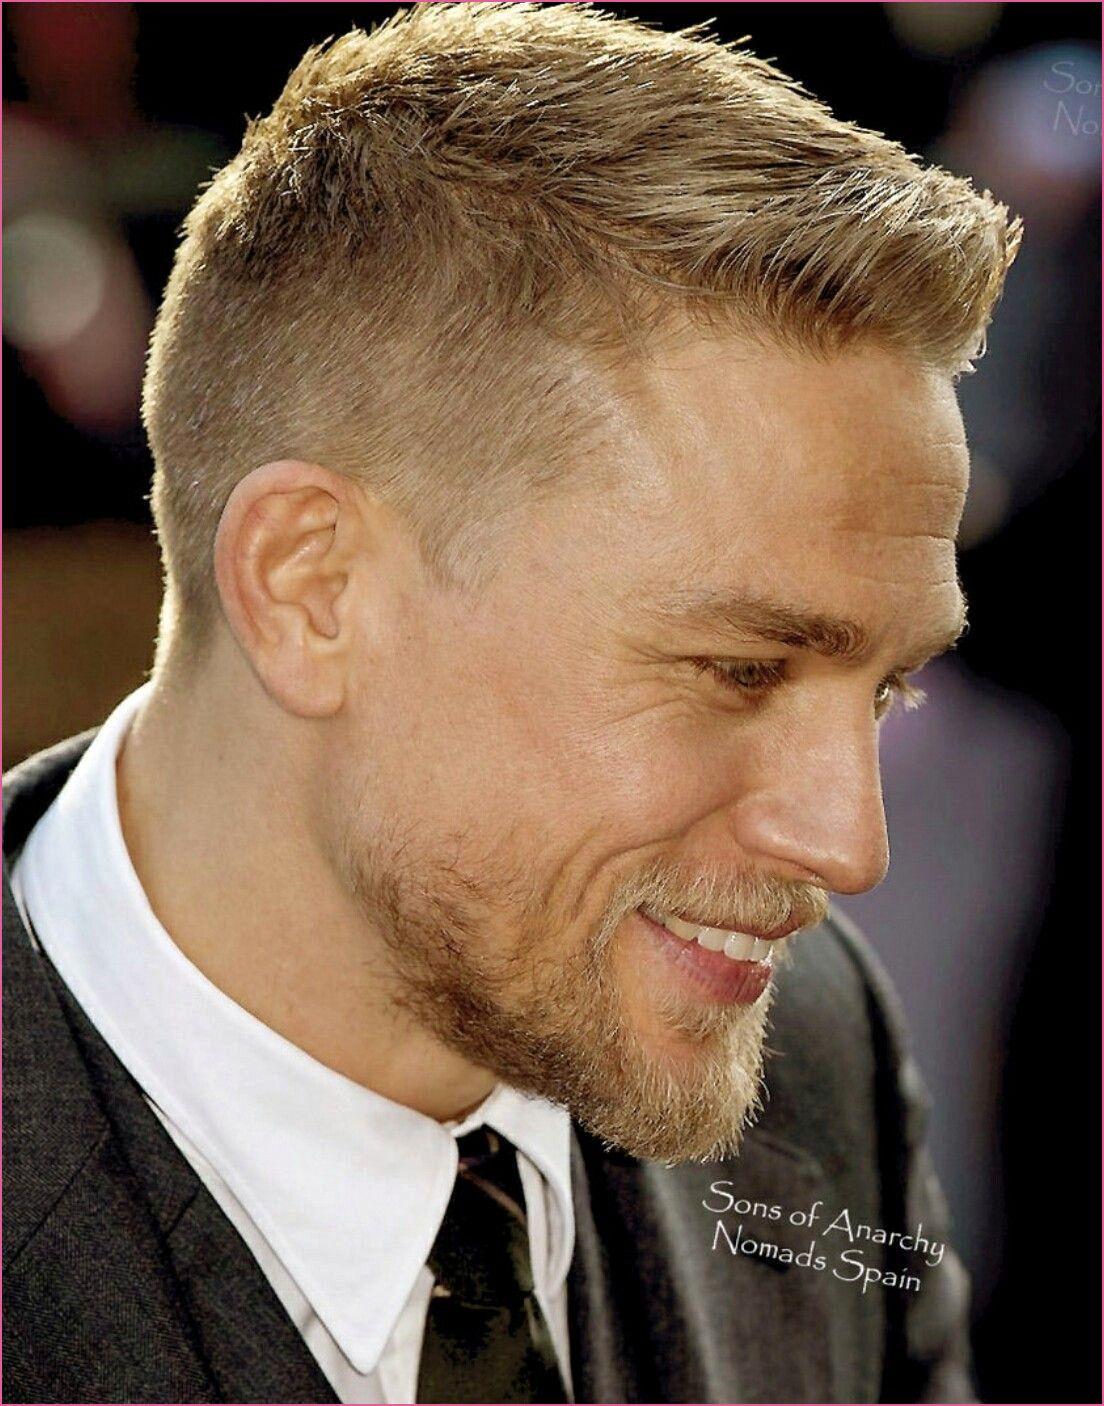 Genial Herrenfrisuren Namen In 2020 Manner Frisur Kurz Manner Haarschnitt Kurz Herrenfrisuren